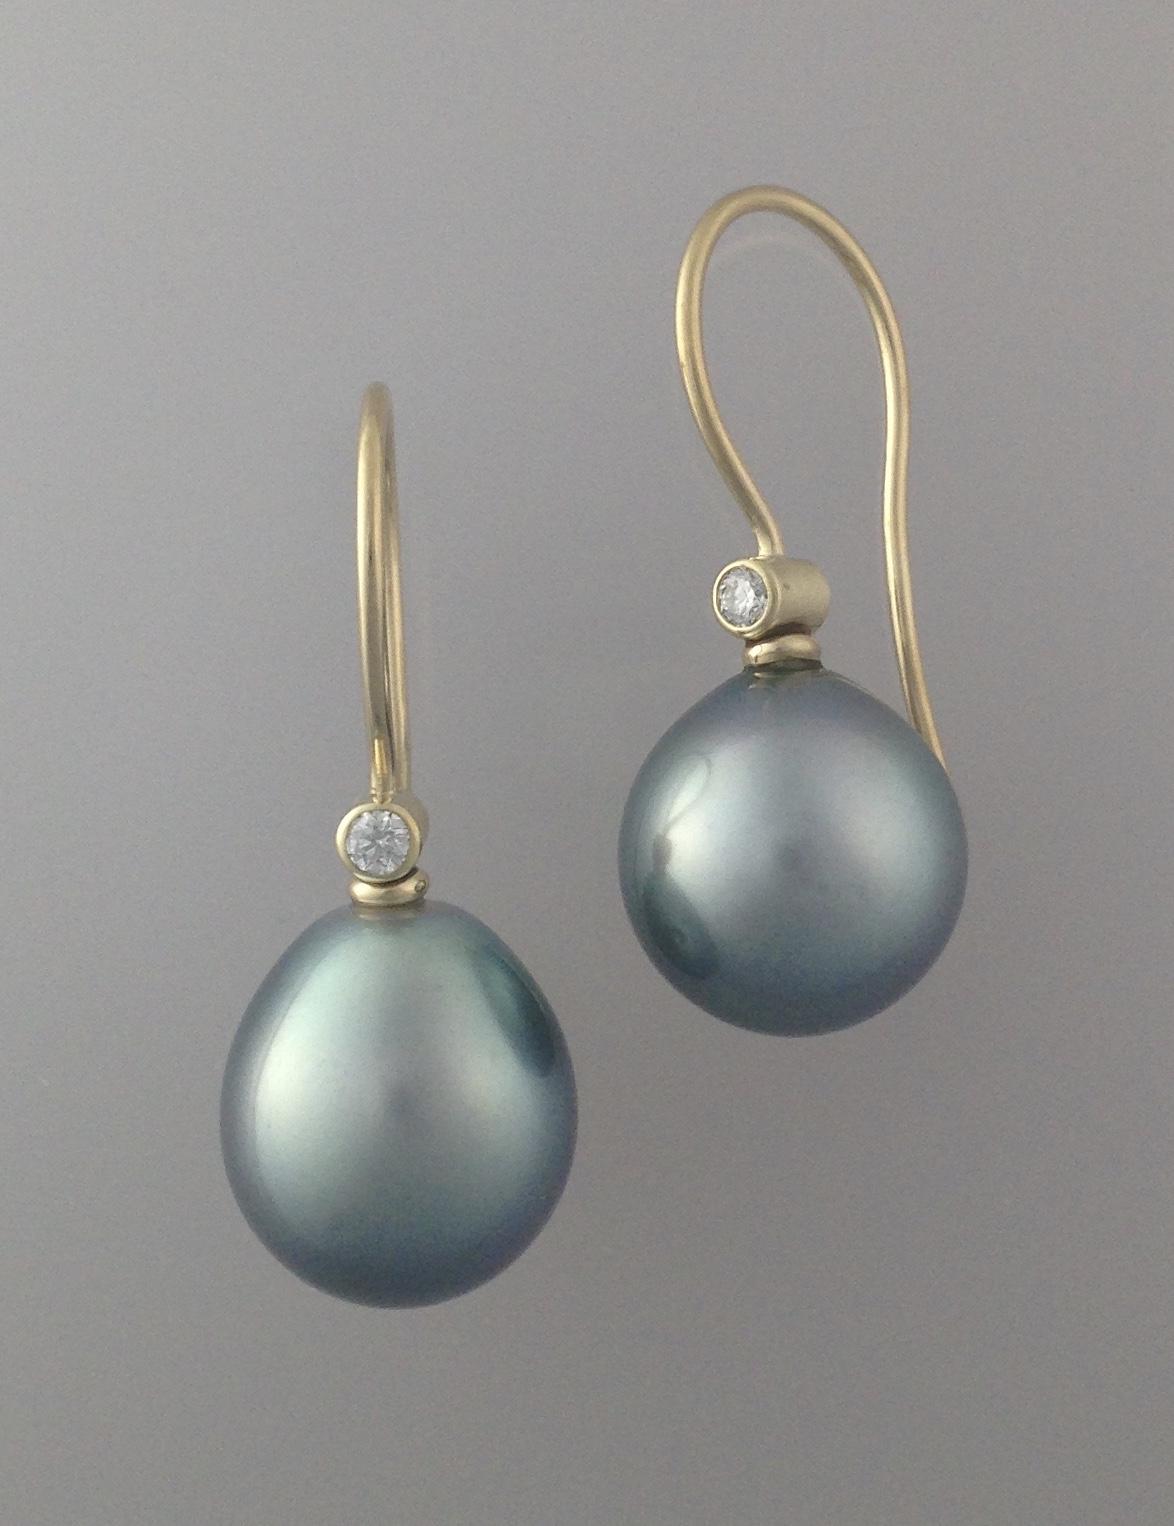 18kt gold, tahitian pearls, diamond